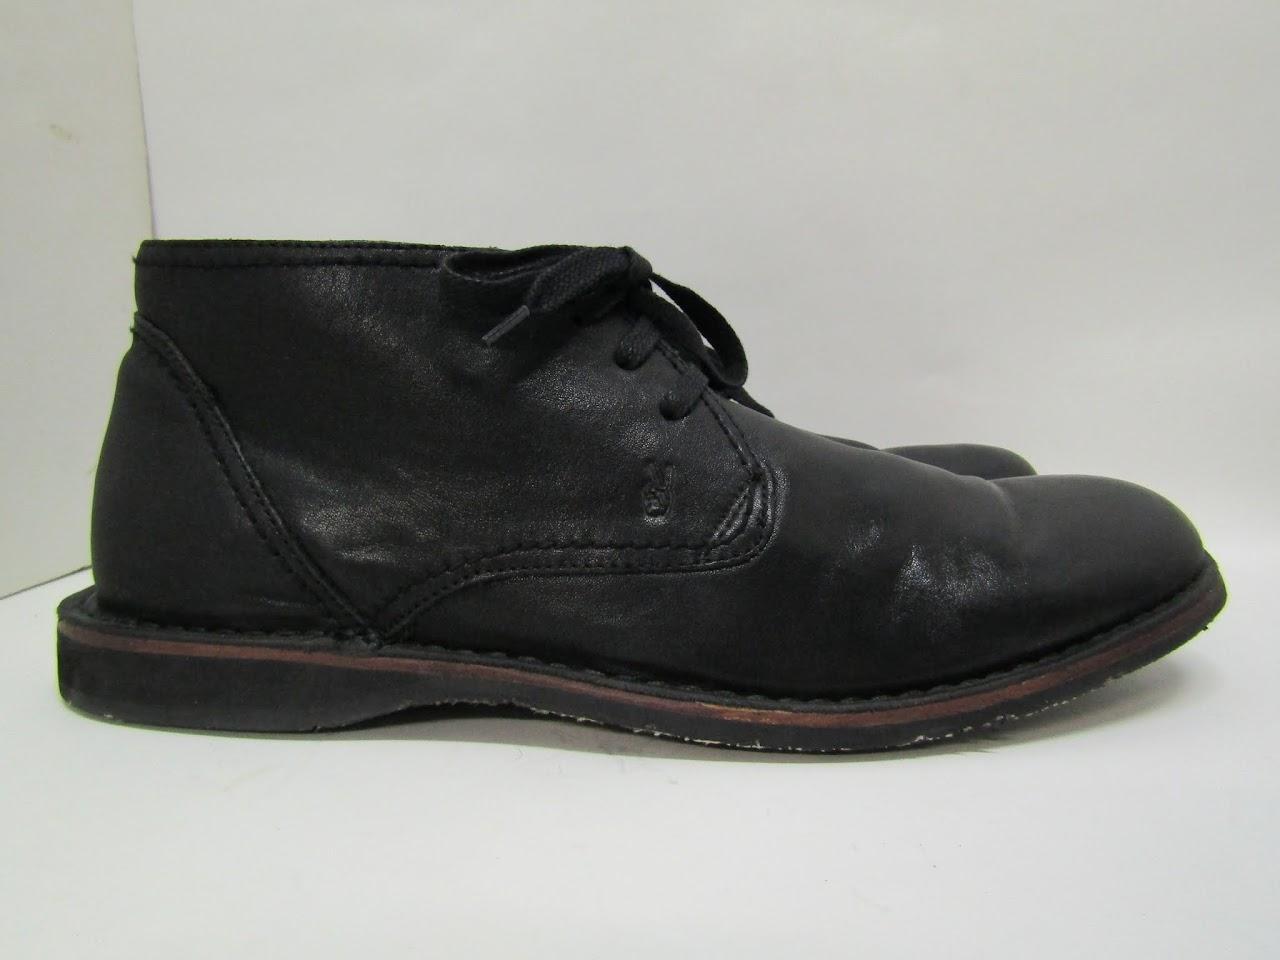 John Varvatos Desert Boots